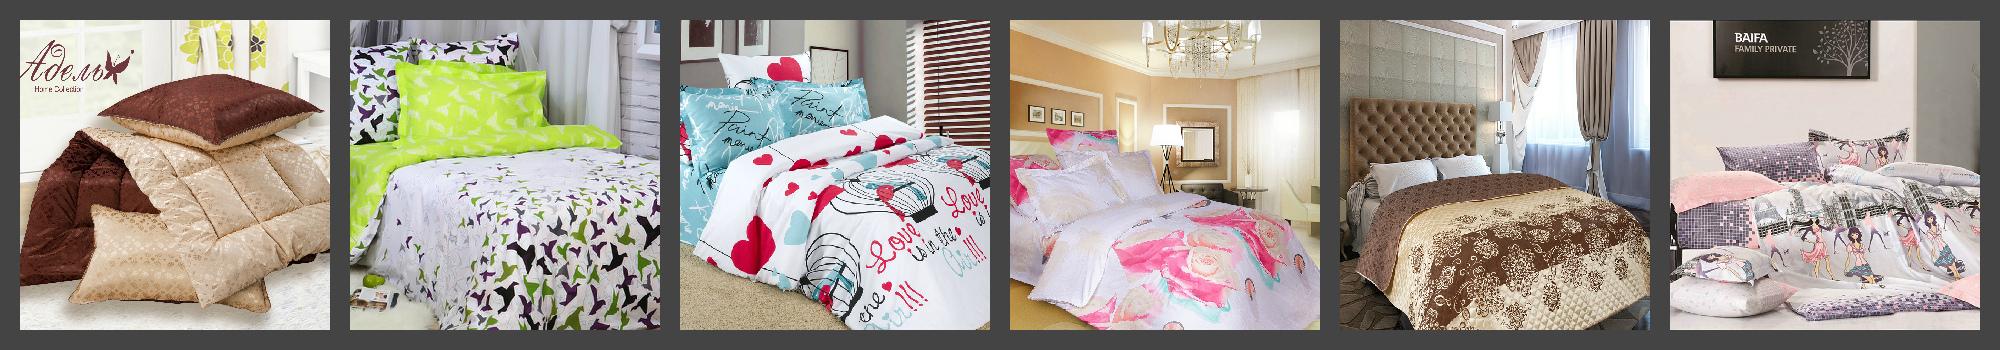 Огромный выбор постельного белья, подушек и одеял - ТМ Адель по отличным ценам. Женский, мужской и детский трикотаж. Расцветки - сказка. - 5